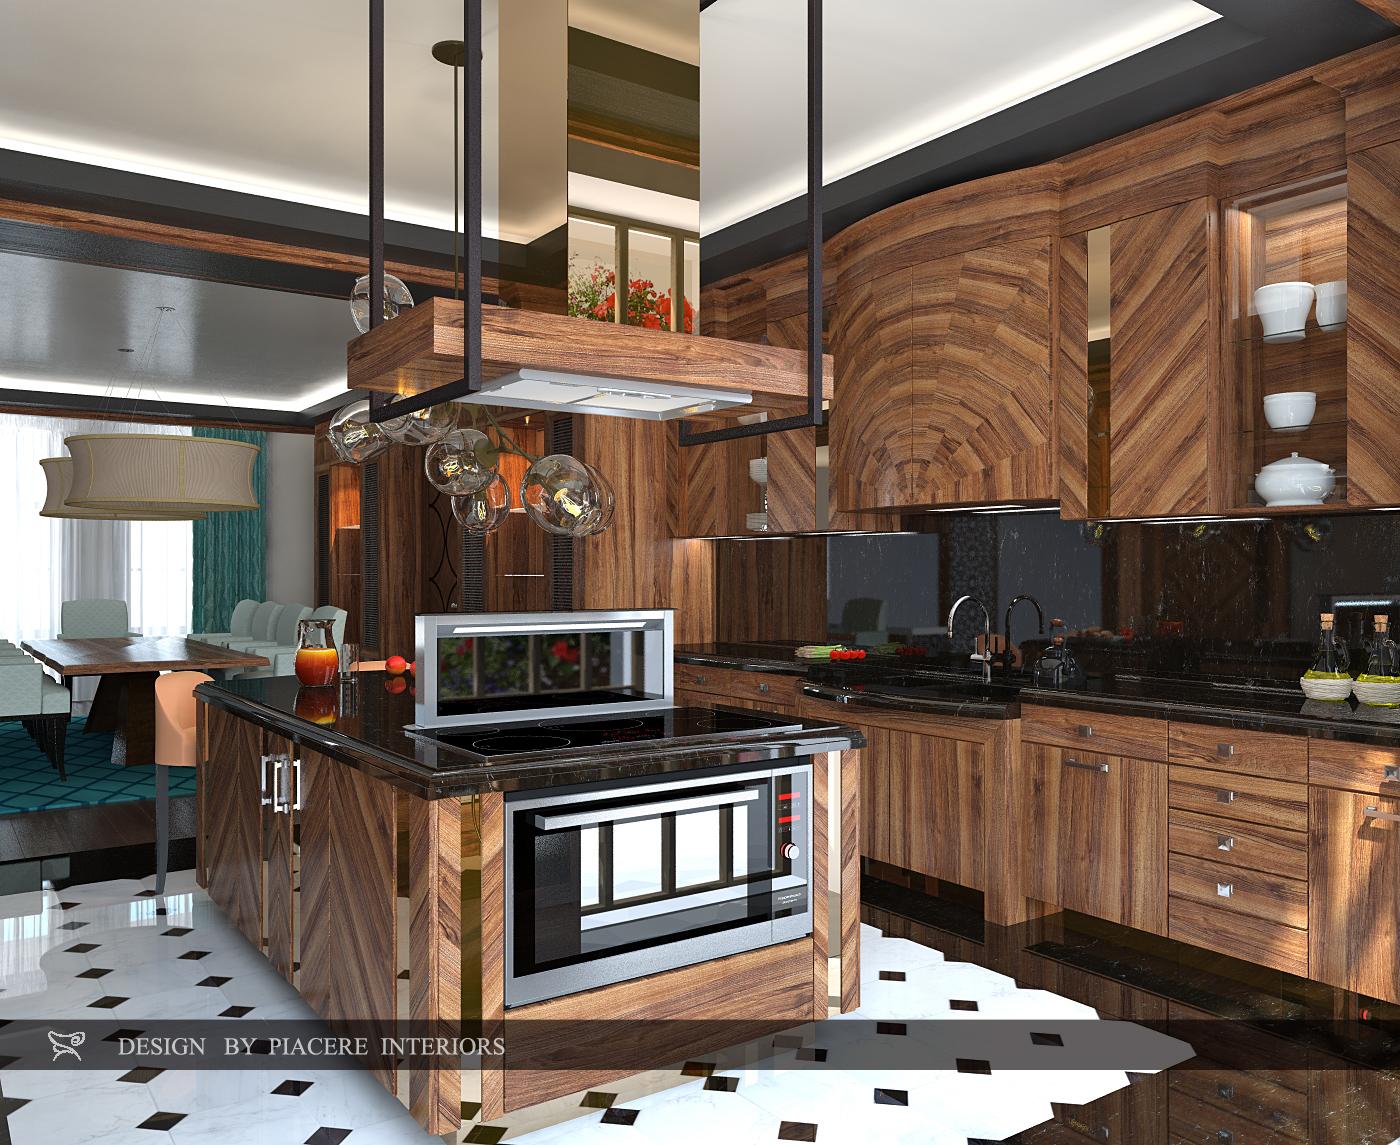 __SSCH2014_08_02_kitchen_k4_VRayCam002